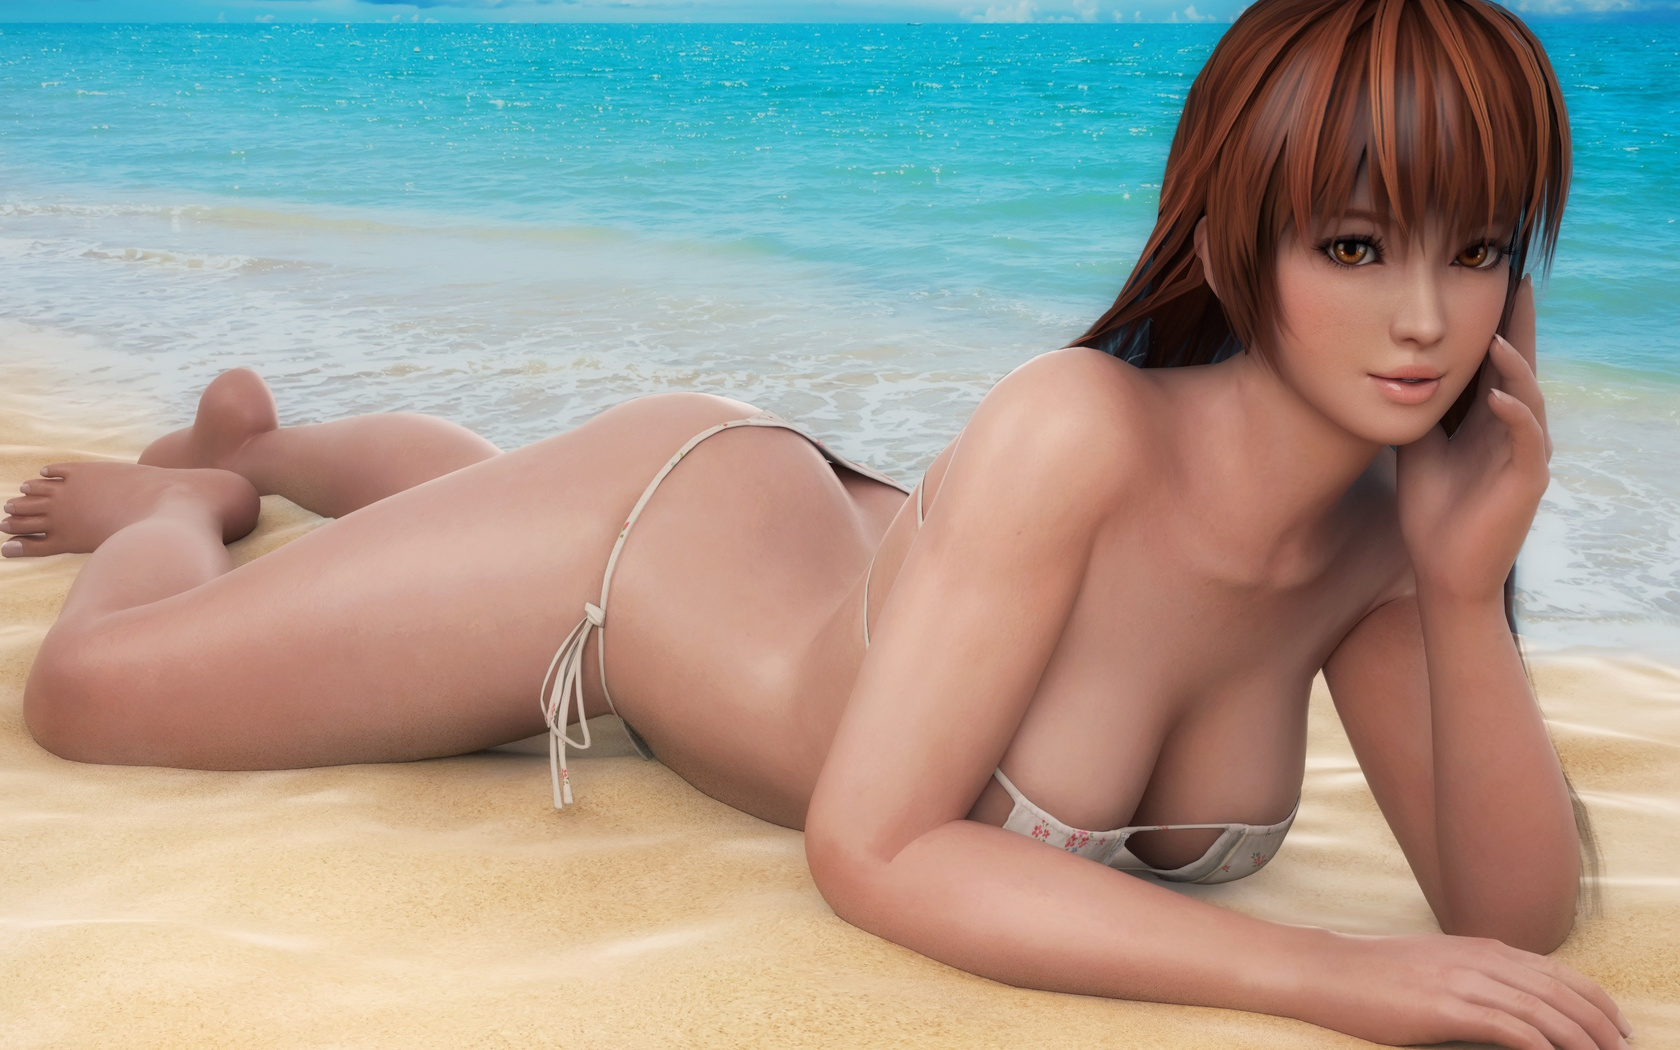 море, пляж, купальник